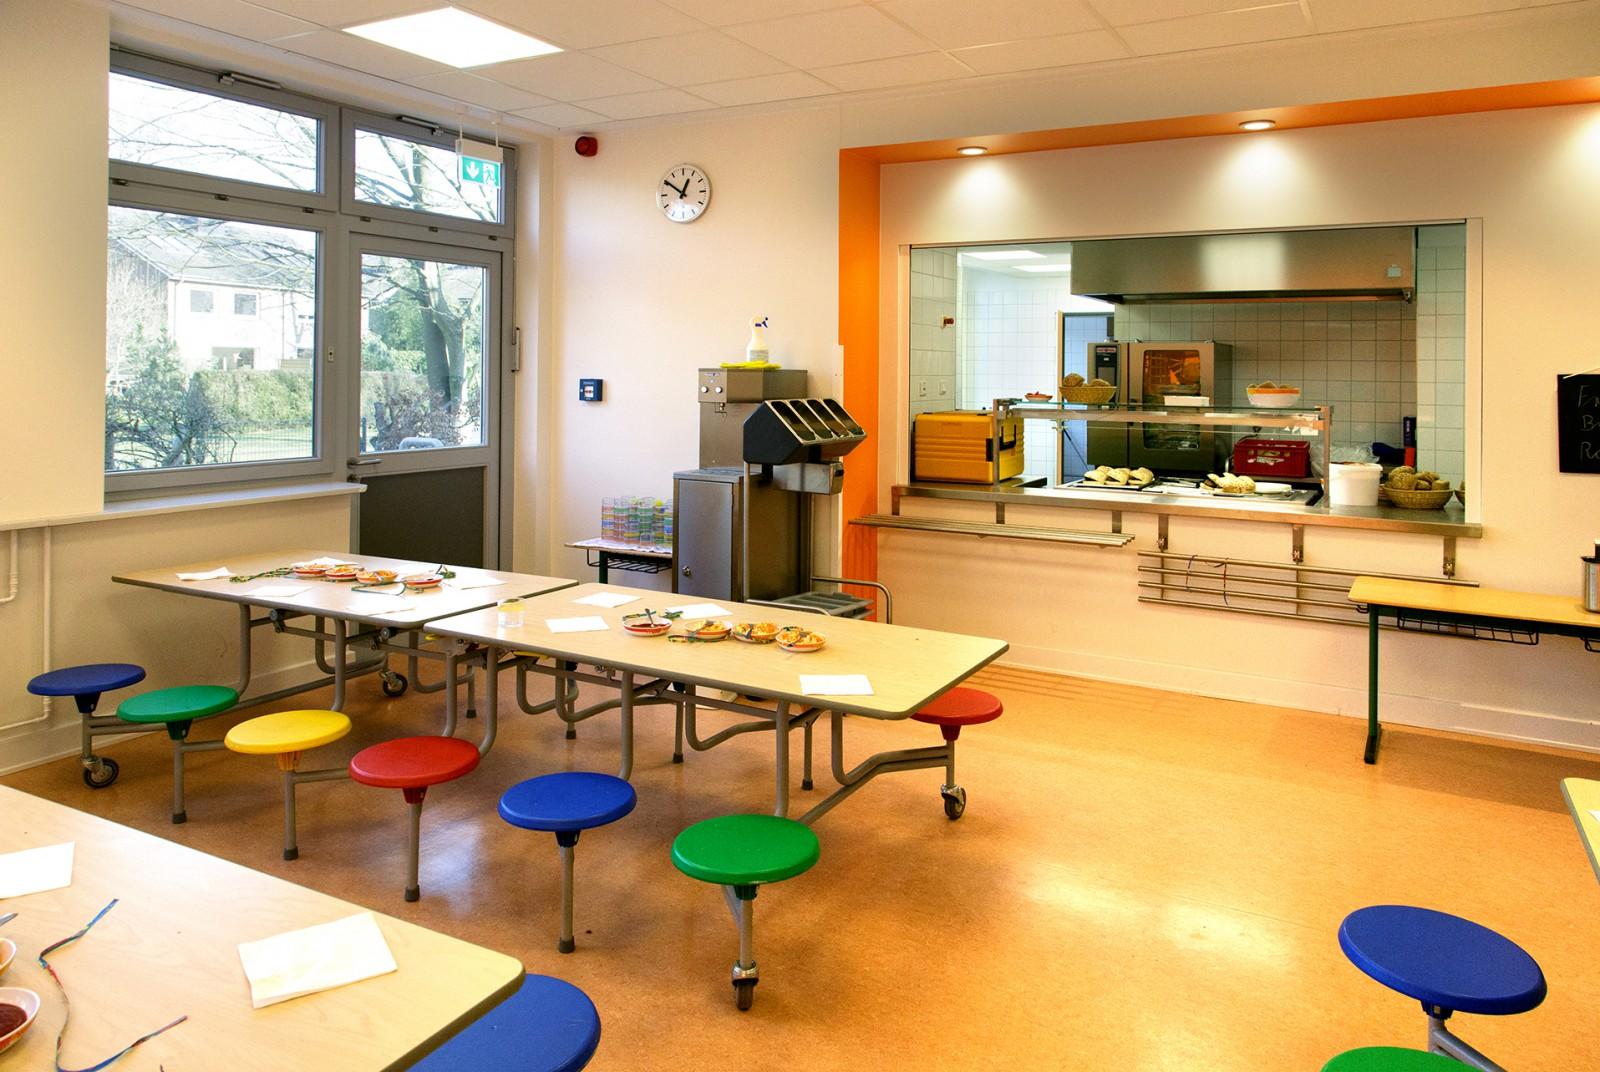 kueche-schule-grotefendweg-restaurant